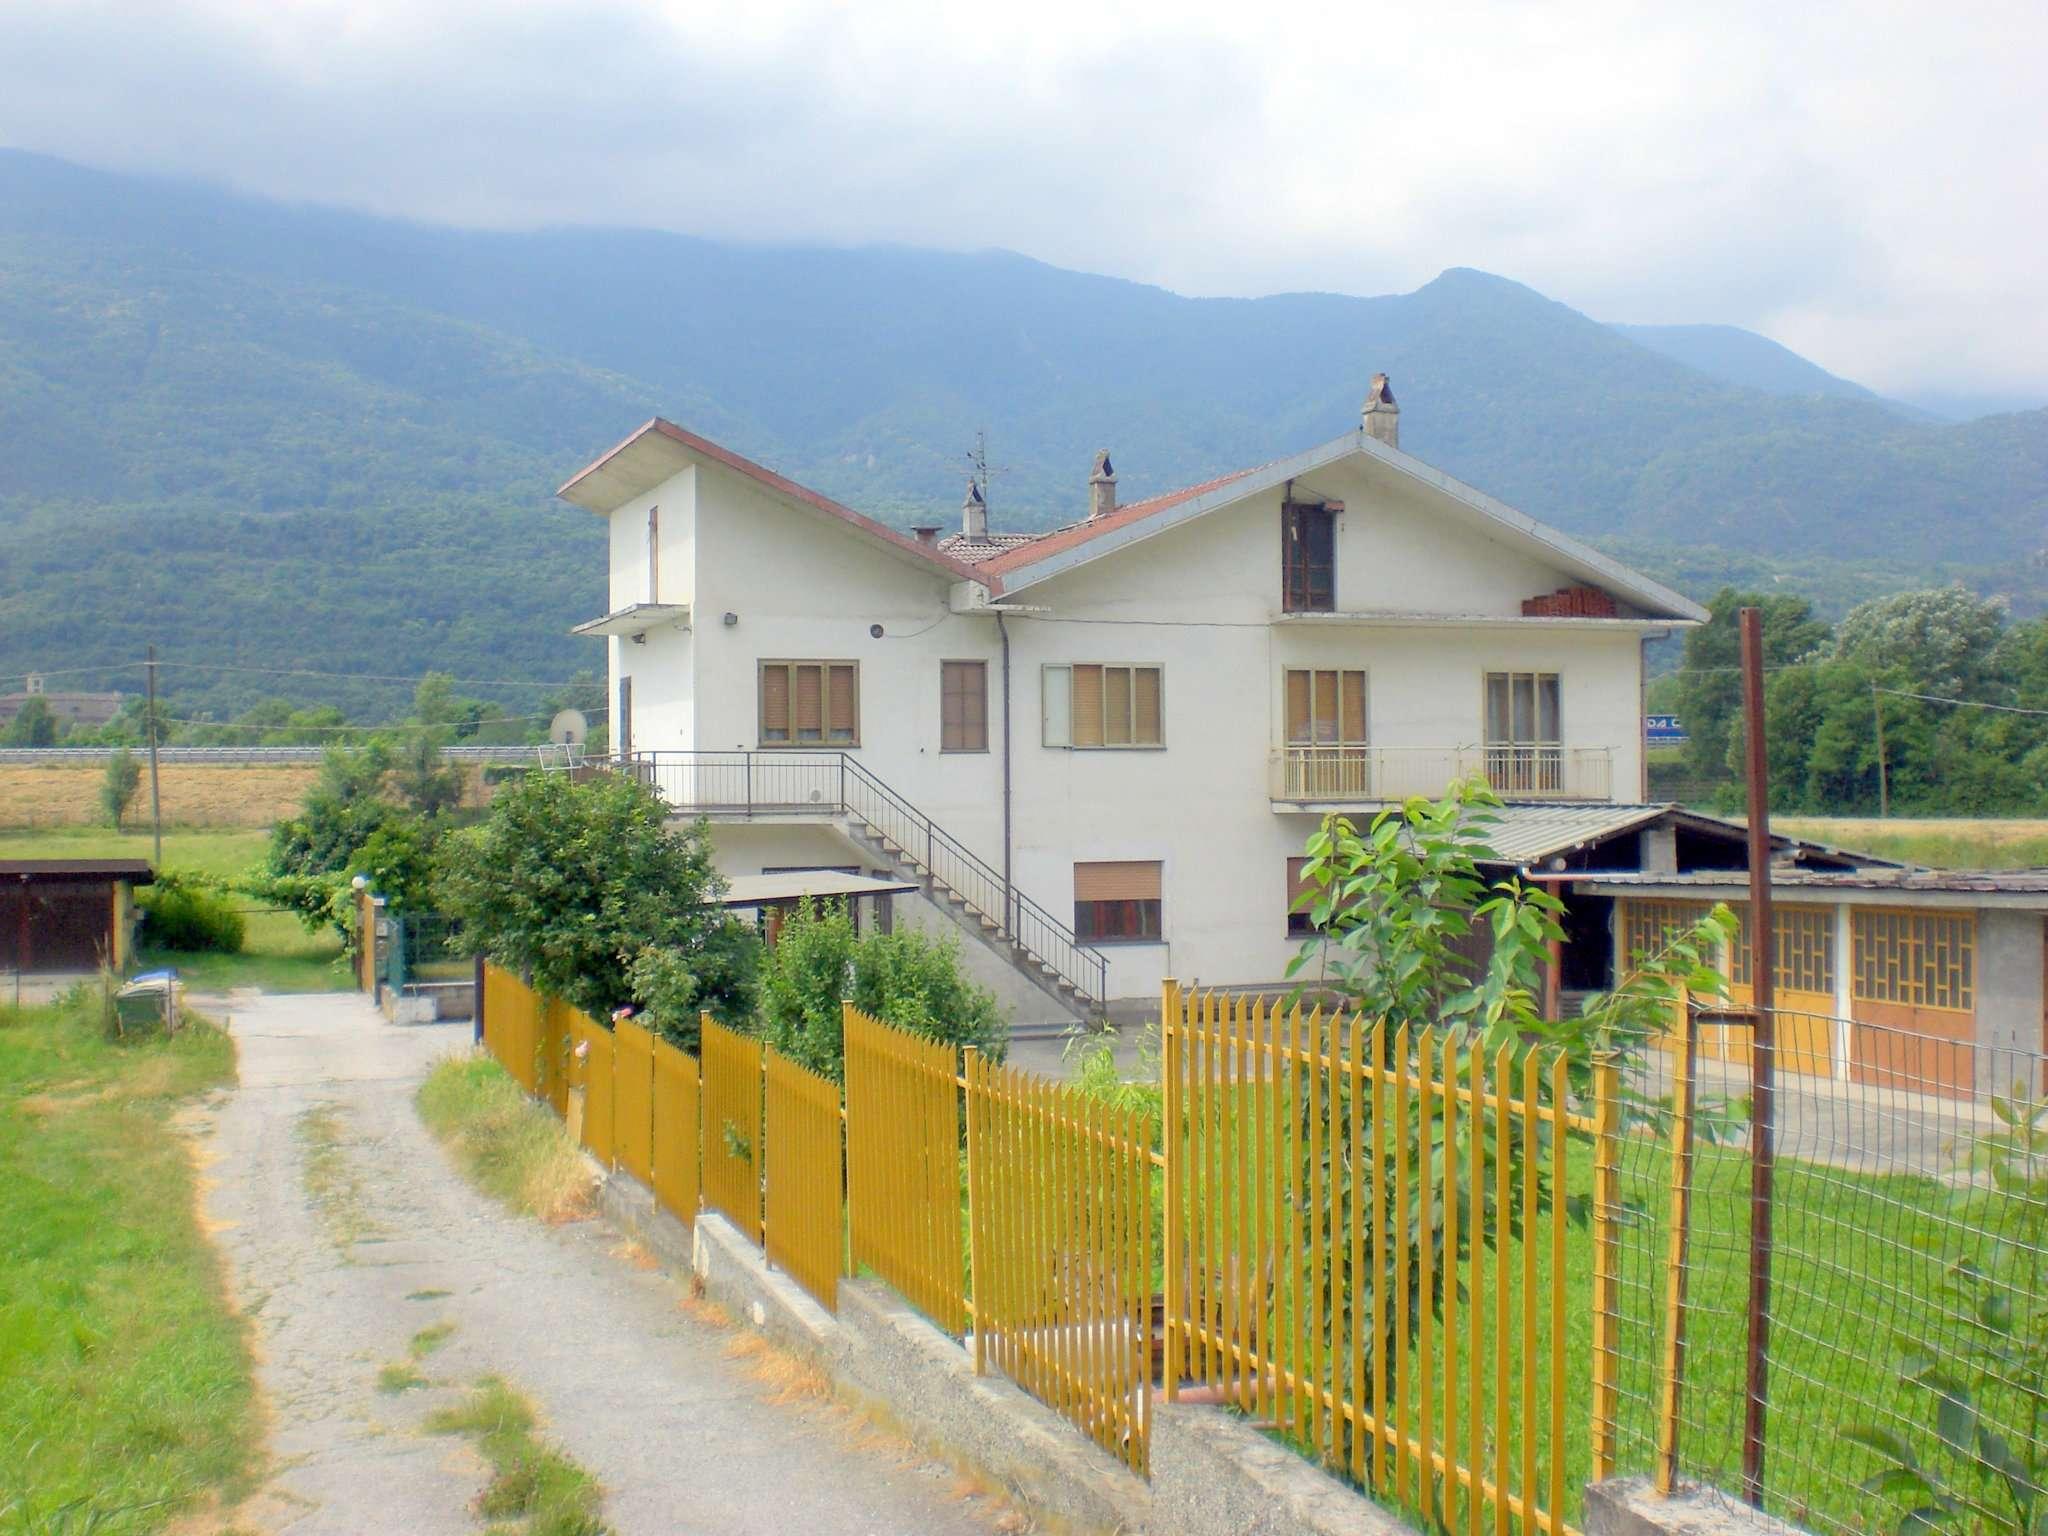 Appartamento in vendita a Chianocco, 5 locali, prezzo € 82.000 | CambioCasa.it